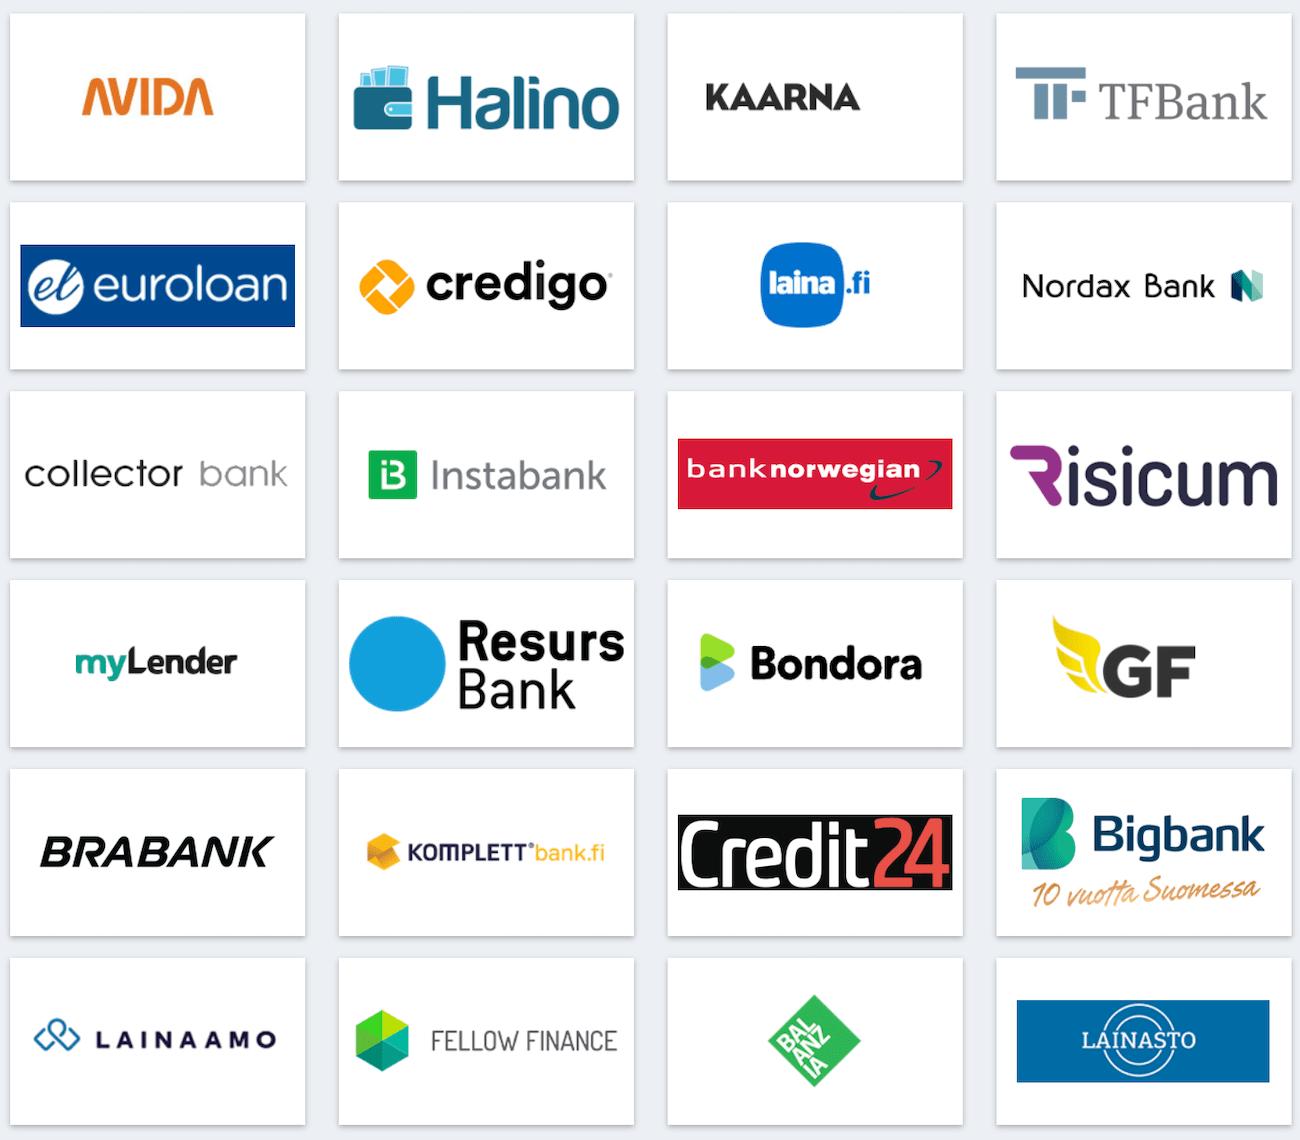 rahoitu yhteistyökumppanit ja pankit